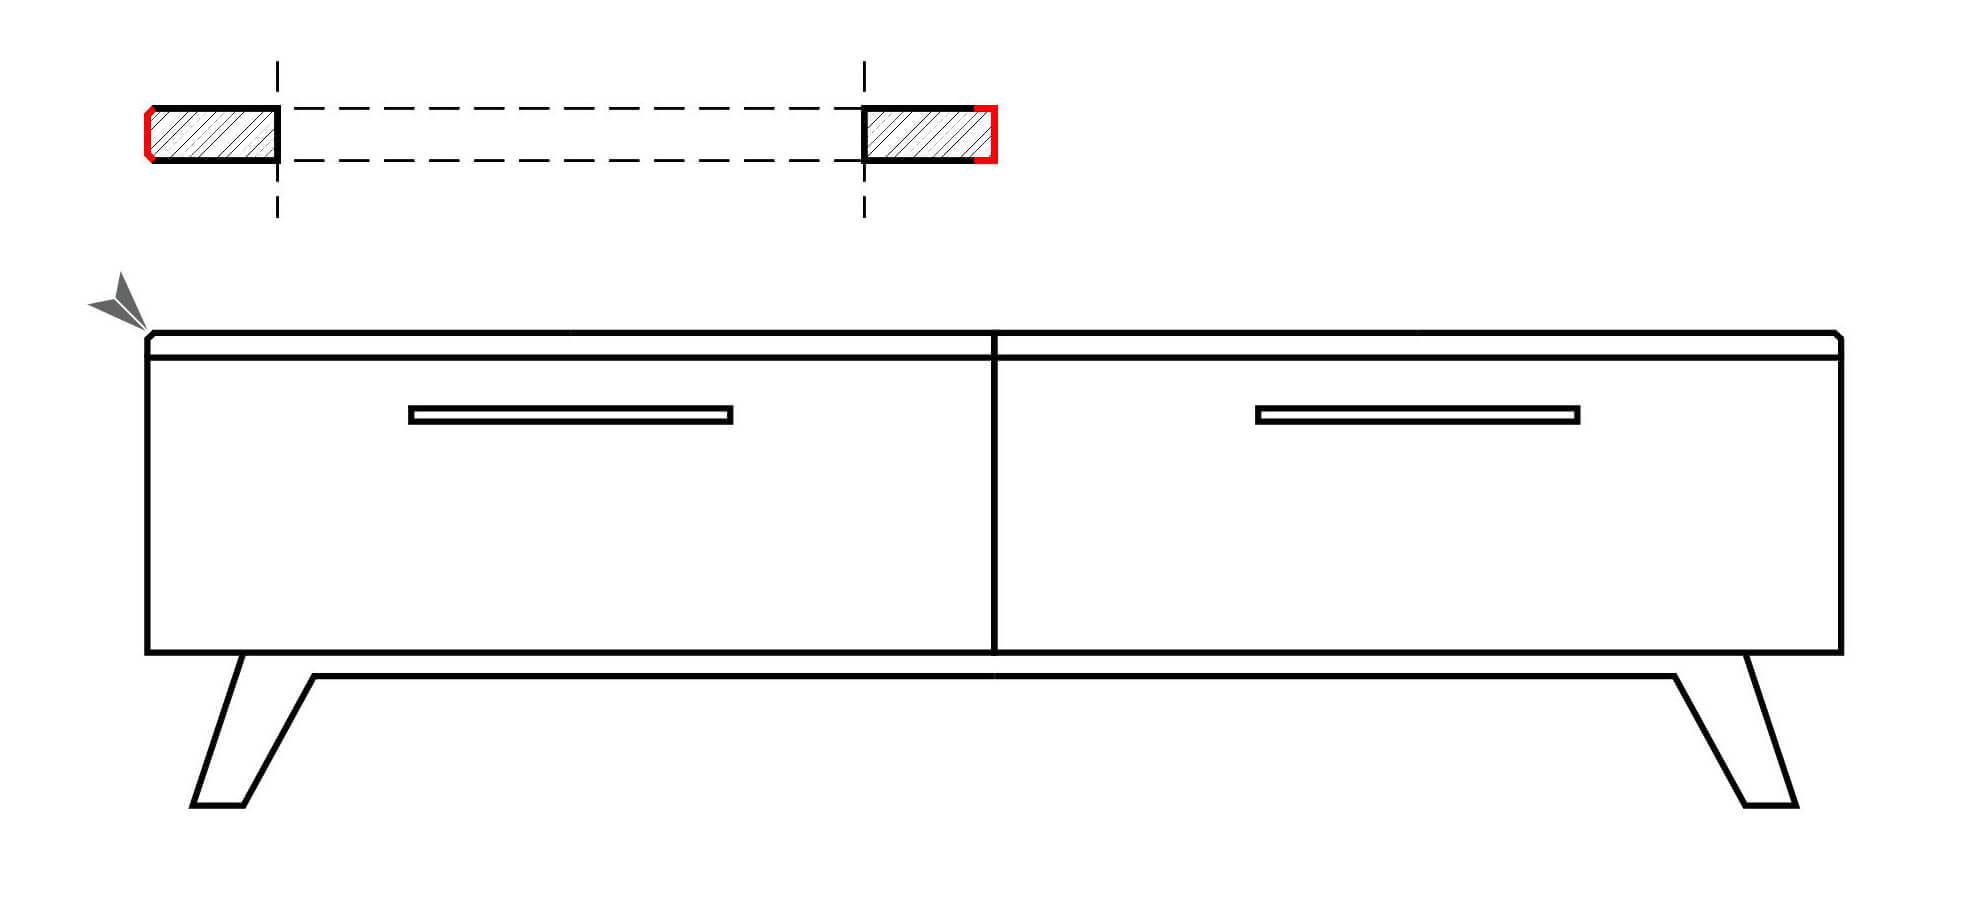 Deuren For Ikea Kasten Besta Systeem For Ikea Besta Ontime